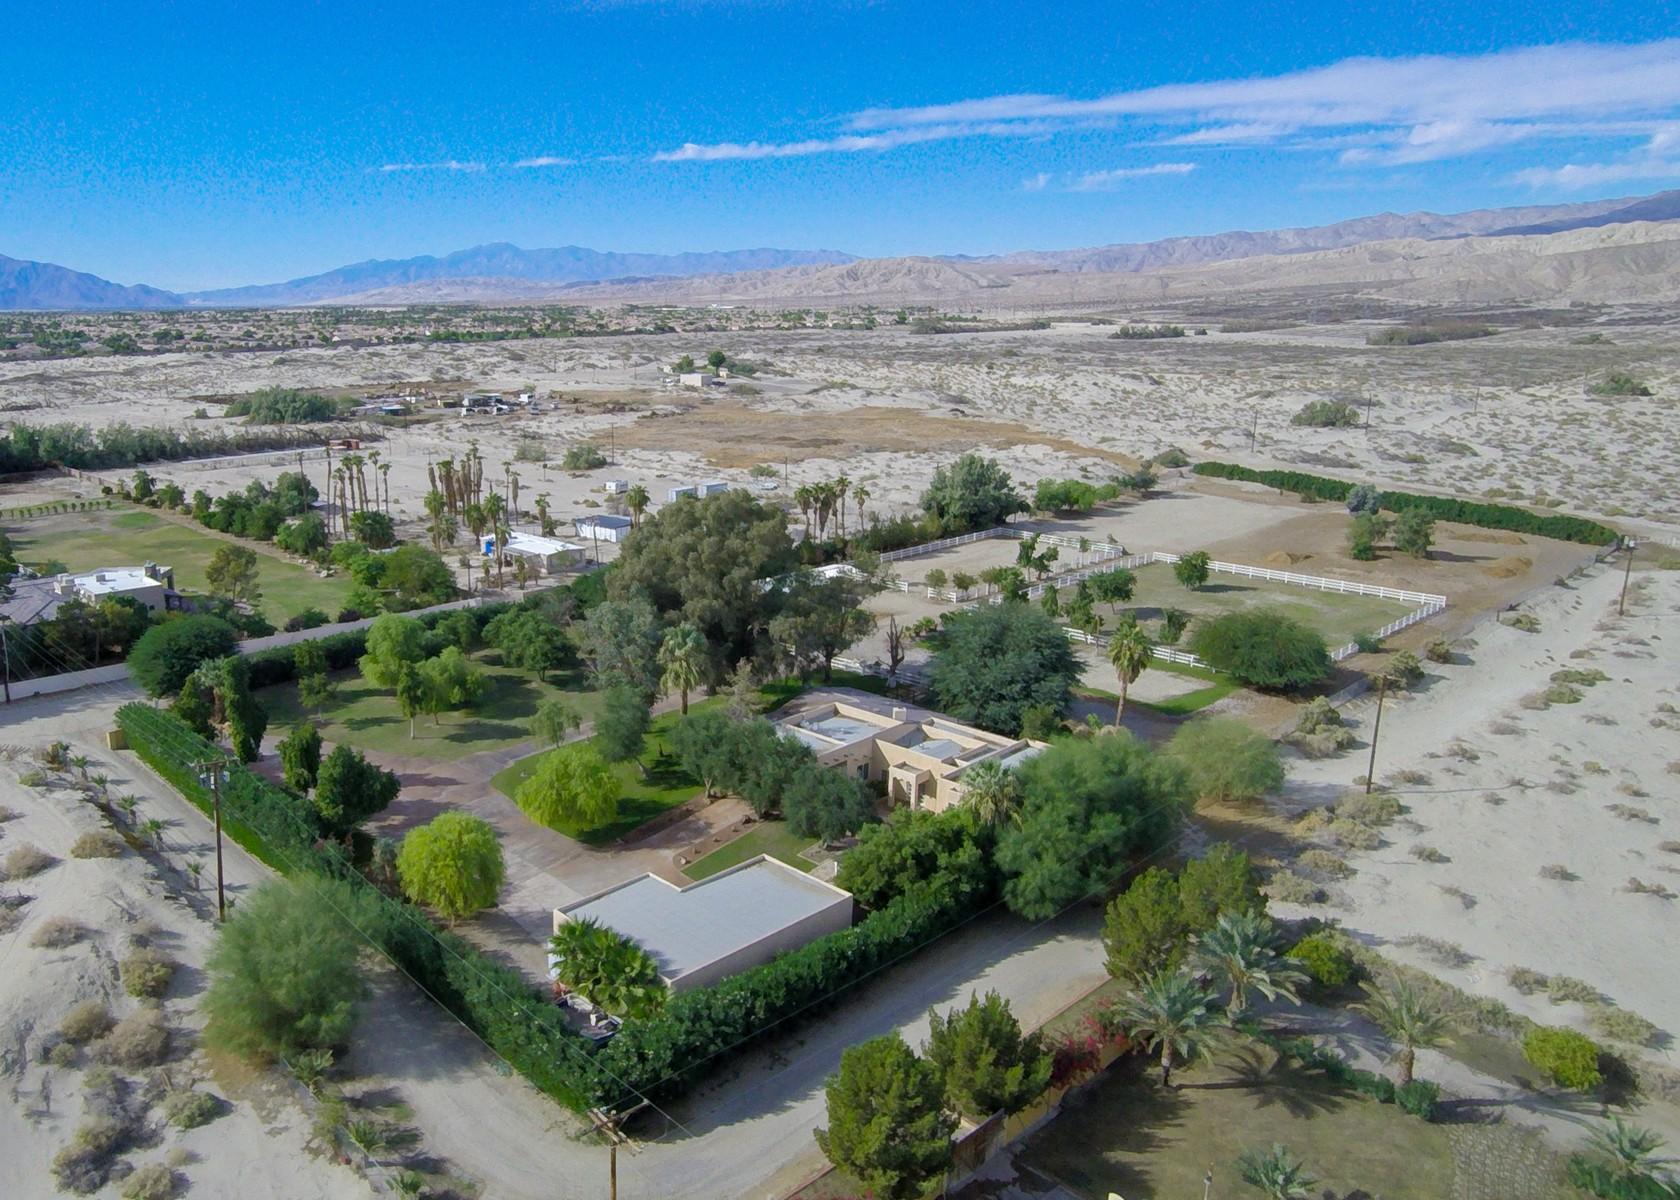 独户住宅 为 销售 在 36706 Dune Palms Road Indio, 加利福尼亚州 92203 美国